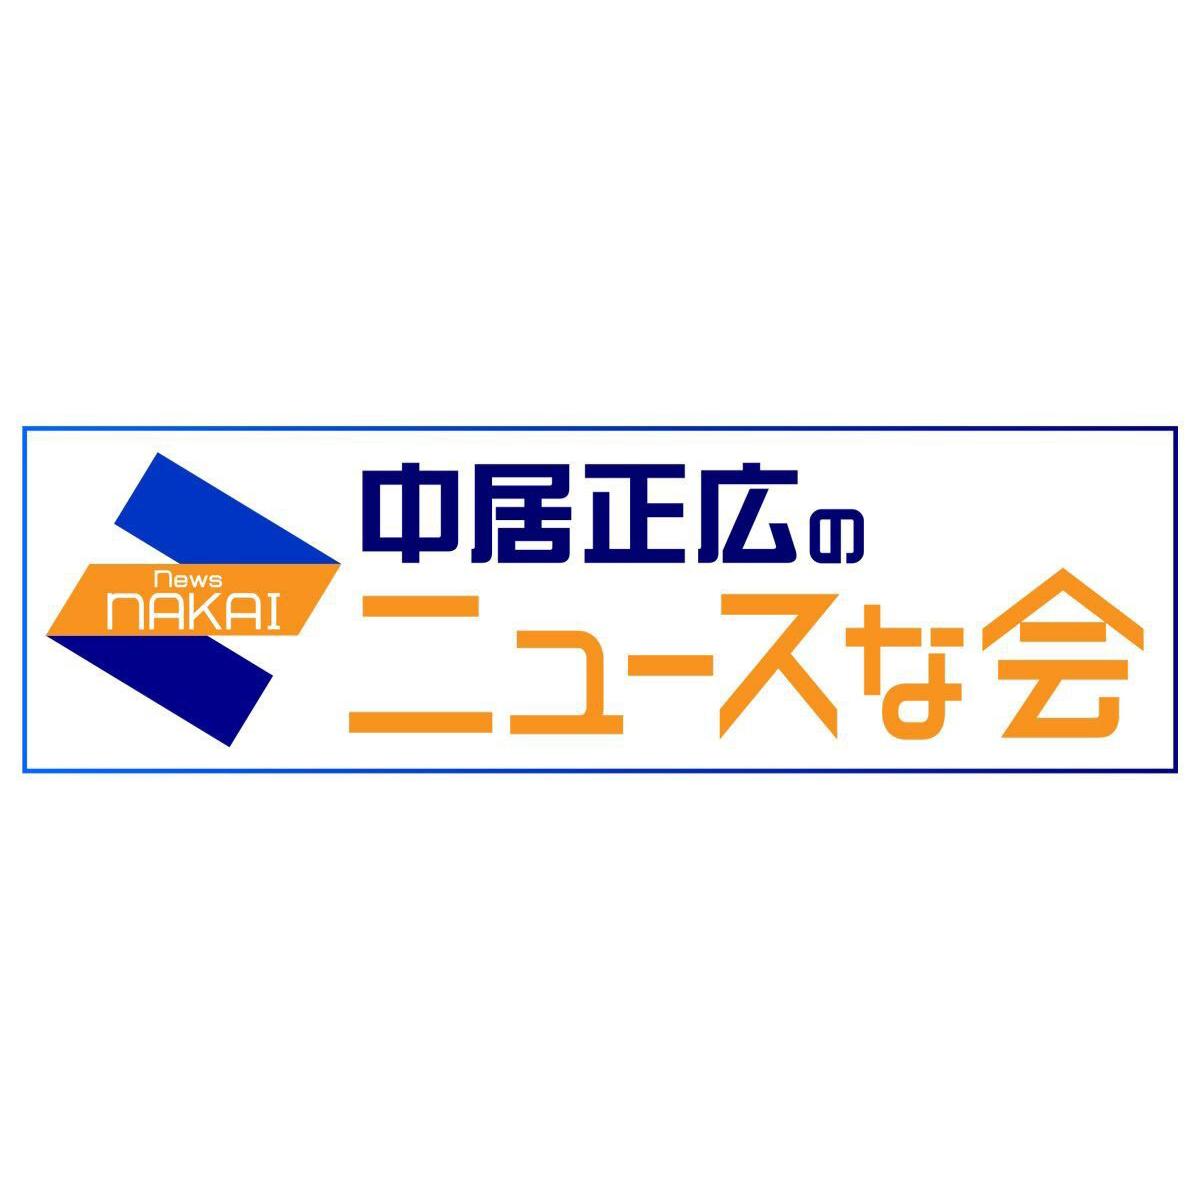 【メディア掲載】「中居正広のニュースな会」テレビ朝日系列(2021年10月2日放送)でGREEN SPOONが紹介されました